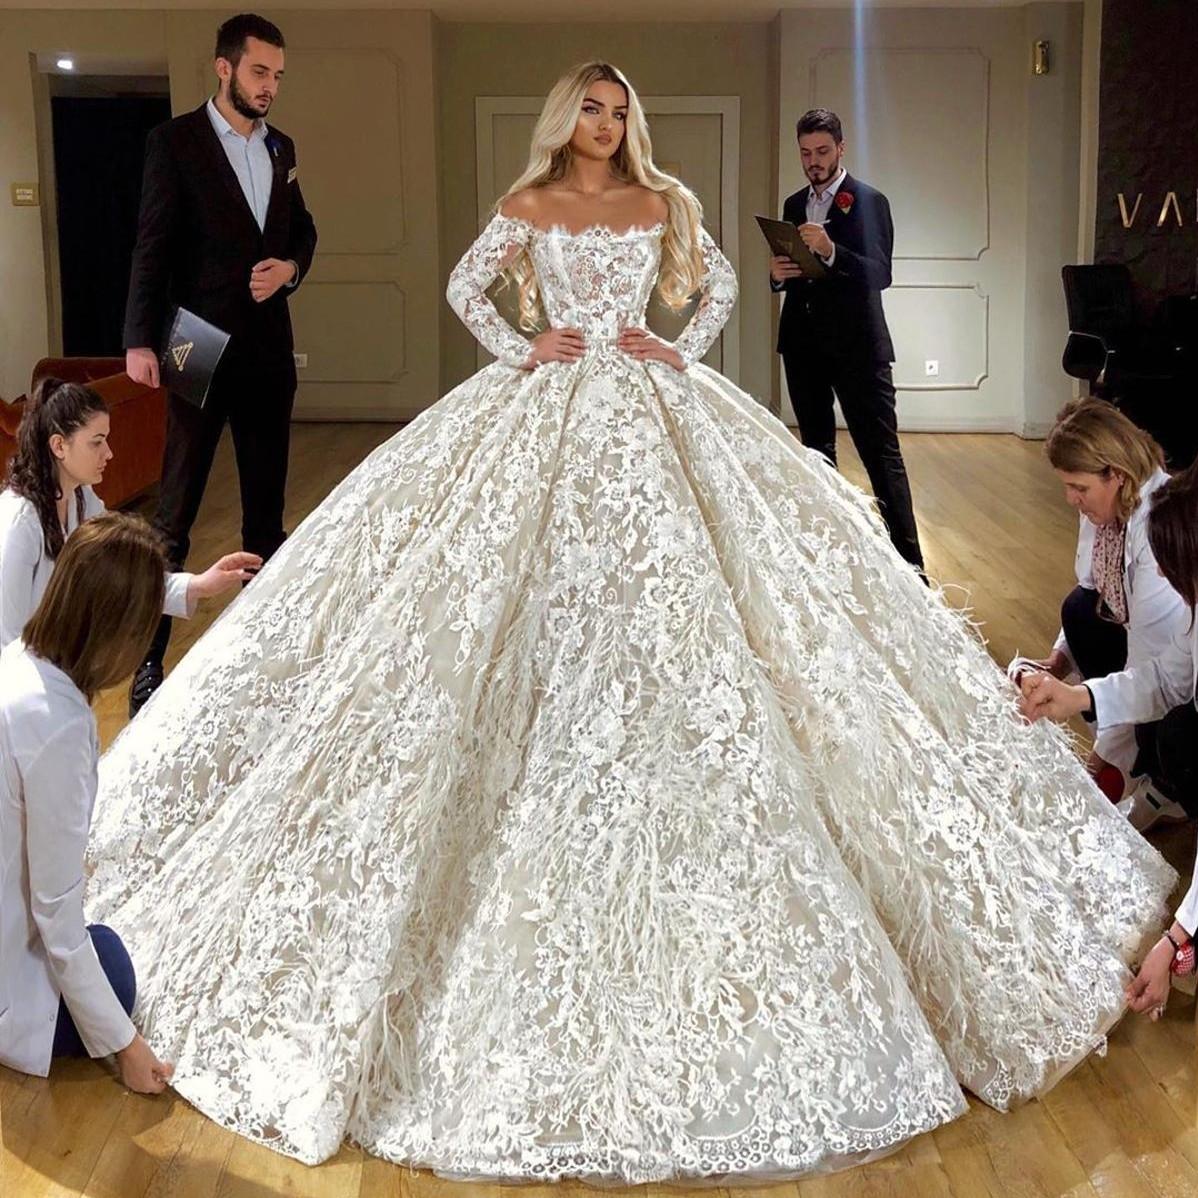 Luxus-Off-Schulter-volle Spitze Ballkleid Brautkleid 10 Vintage-Long  Sleeves Dubai Brautkleider mit Federn Plus Size Brautkleid